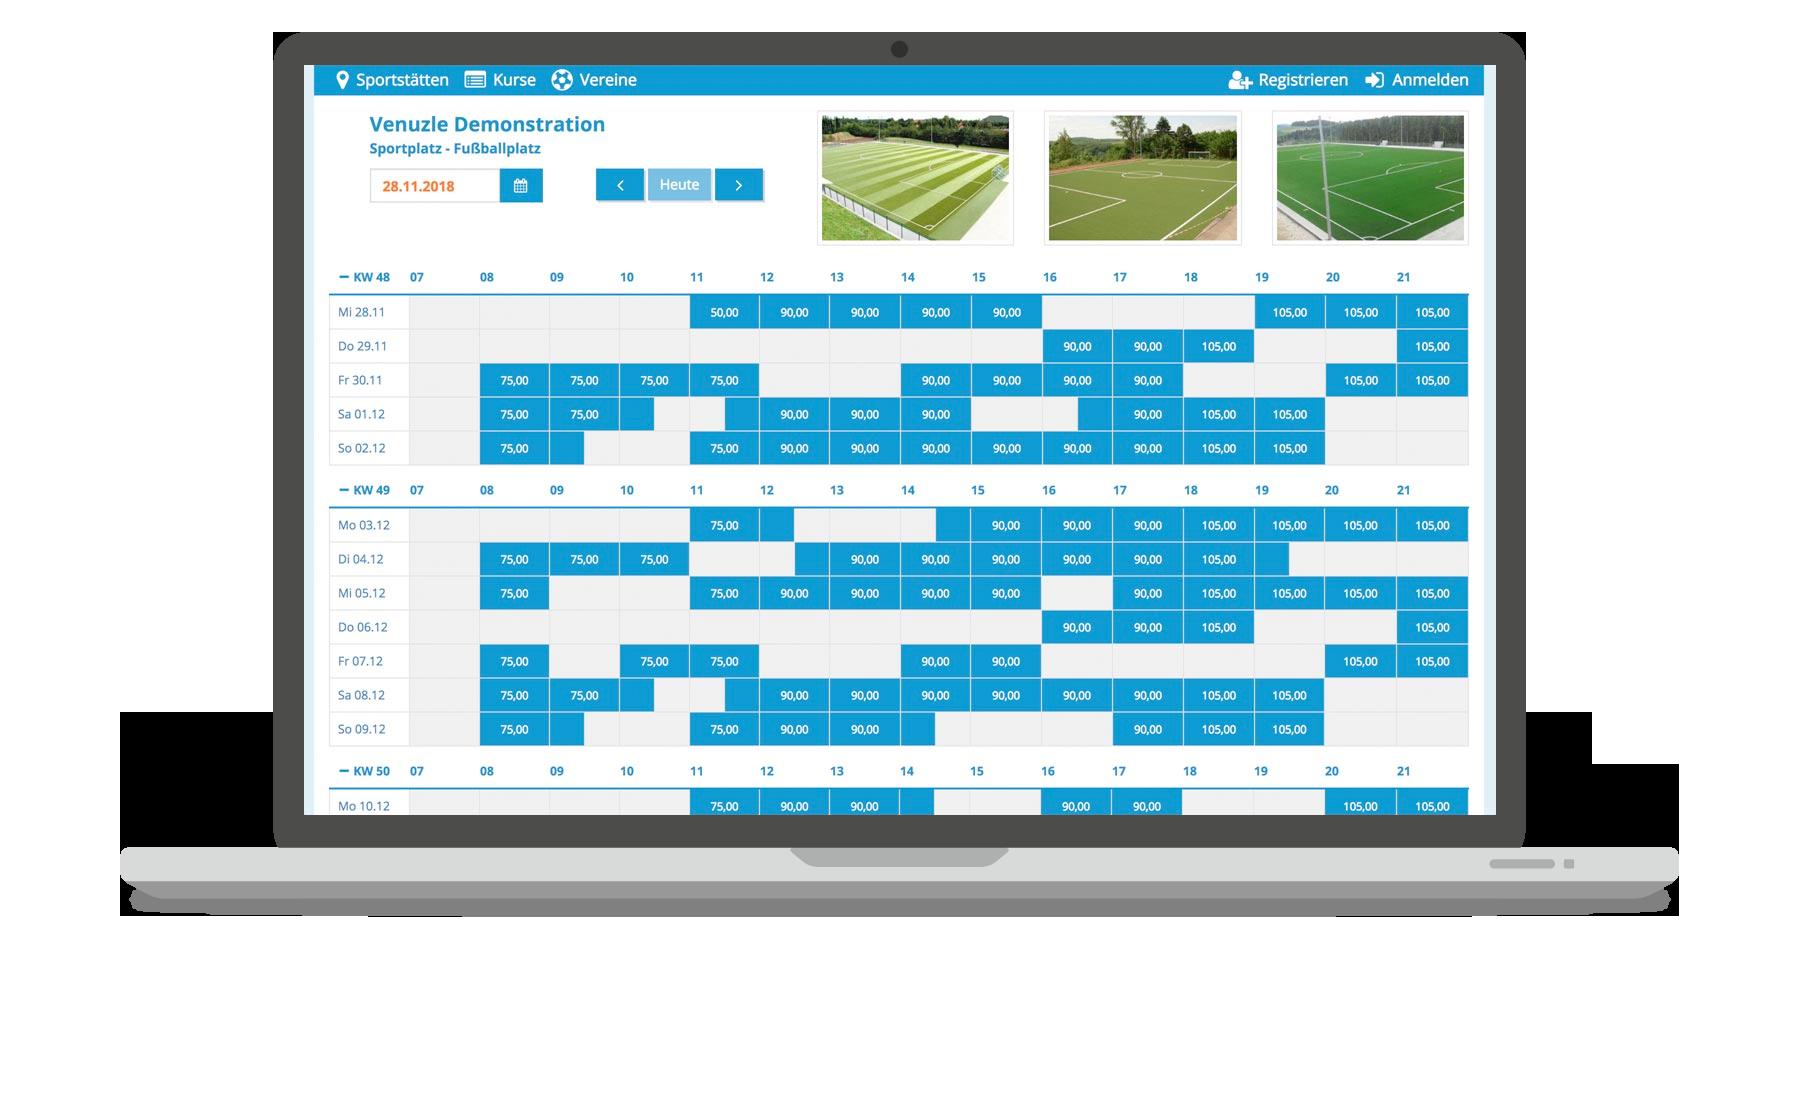 Venuzle Mac Mockup Sportportal-Kalender mit freien Terminen und Bildern der Anlage